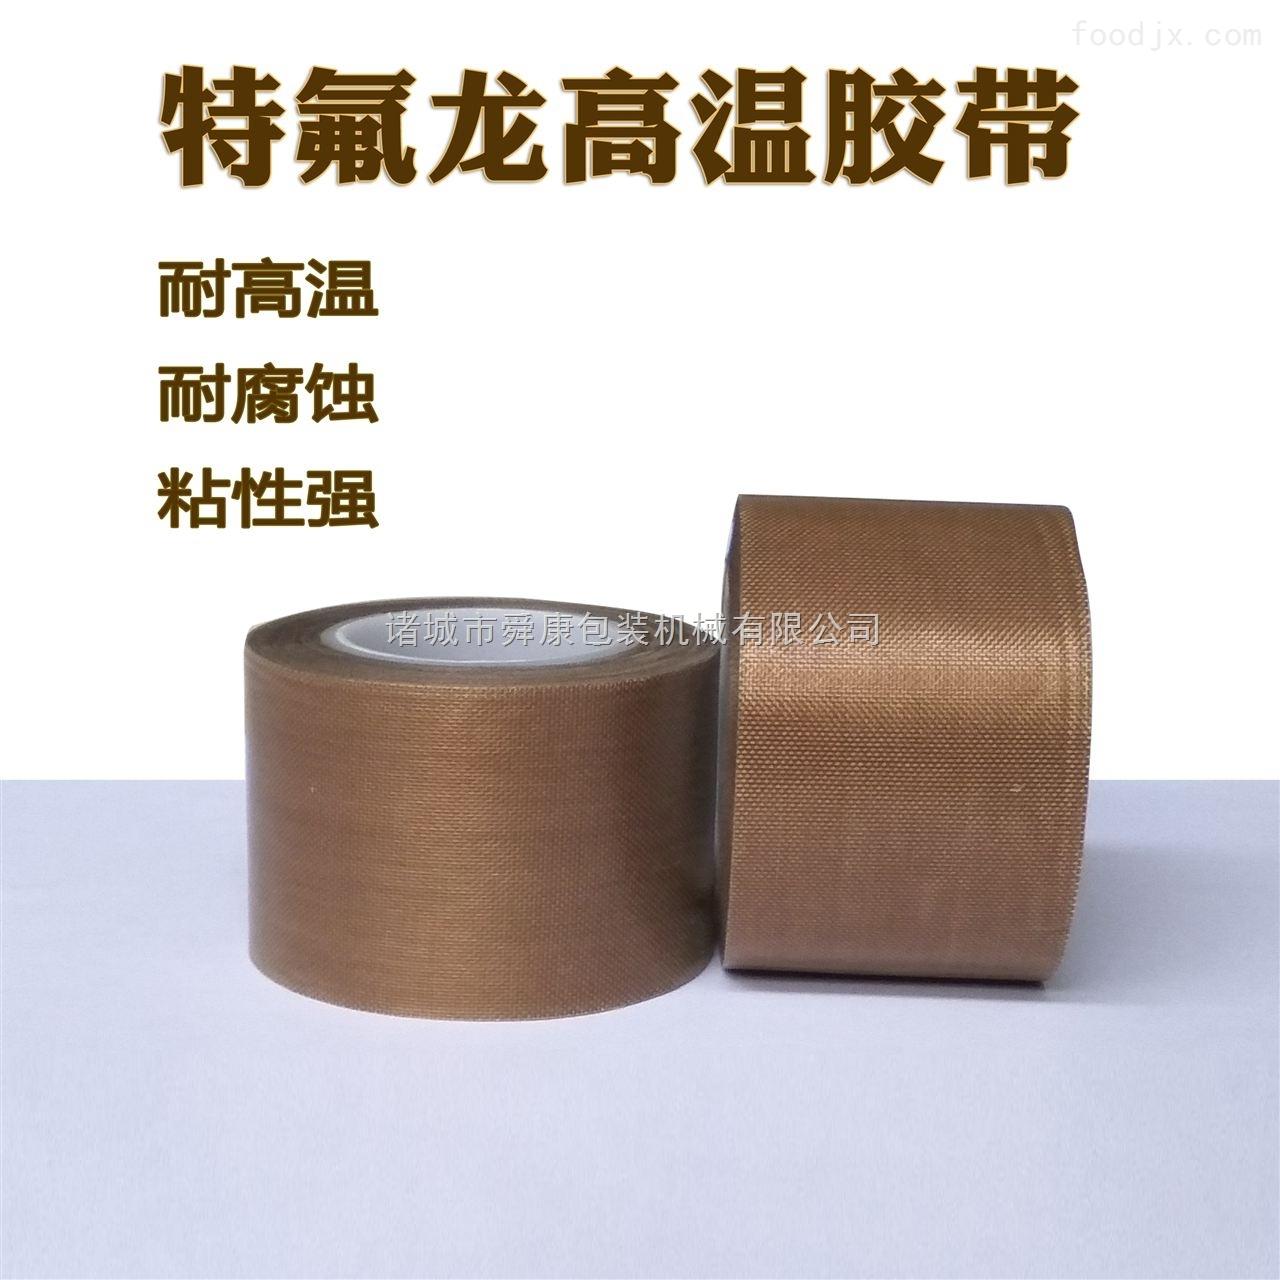 特氟龙胶布绝缘耐热封口机隔热带耐高温25MM宽隔离布